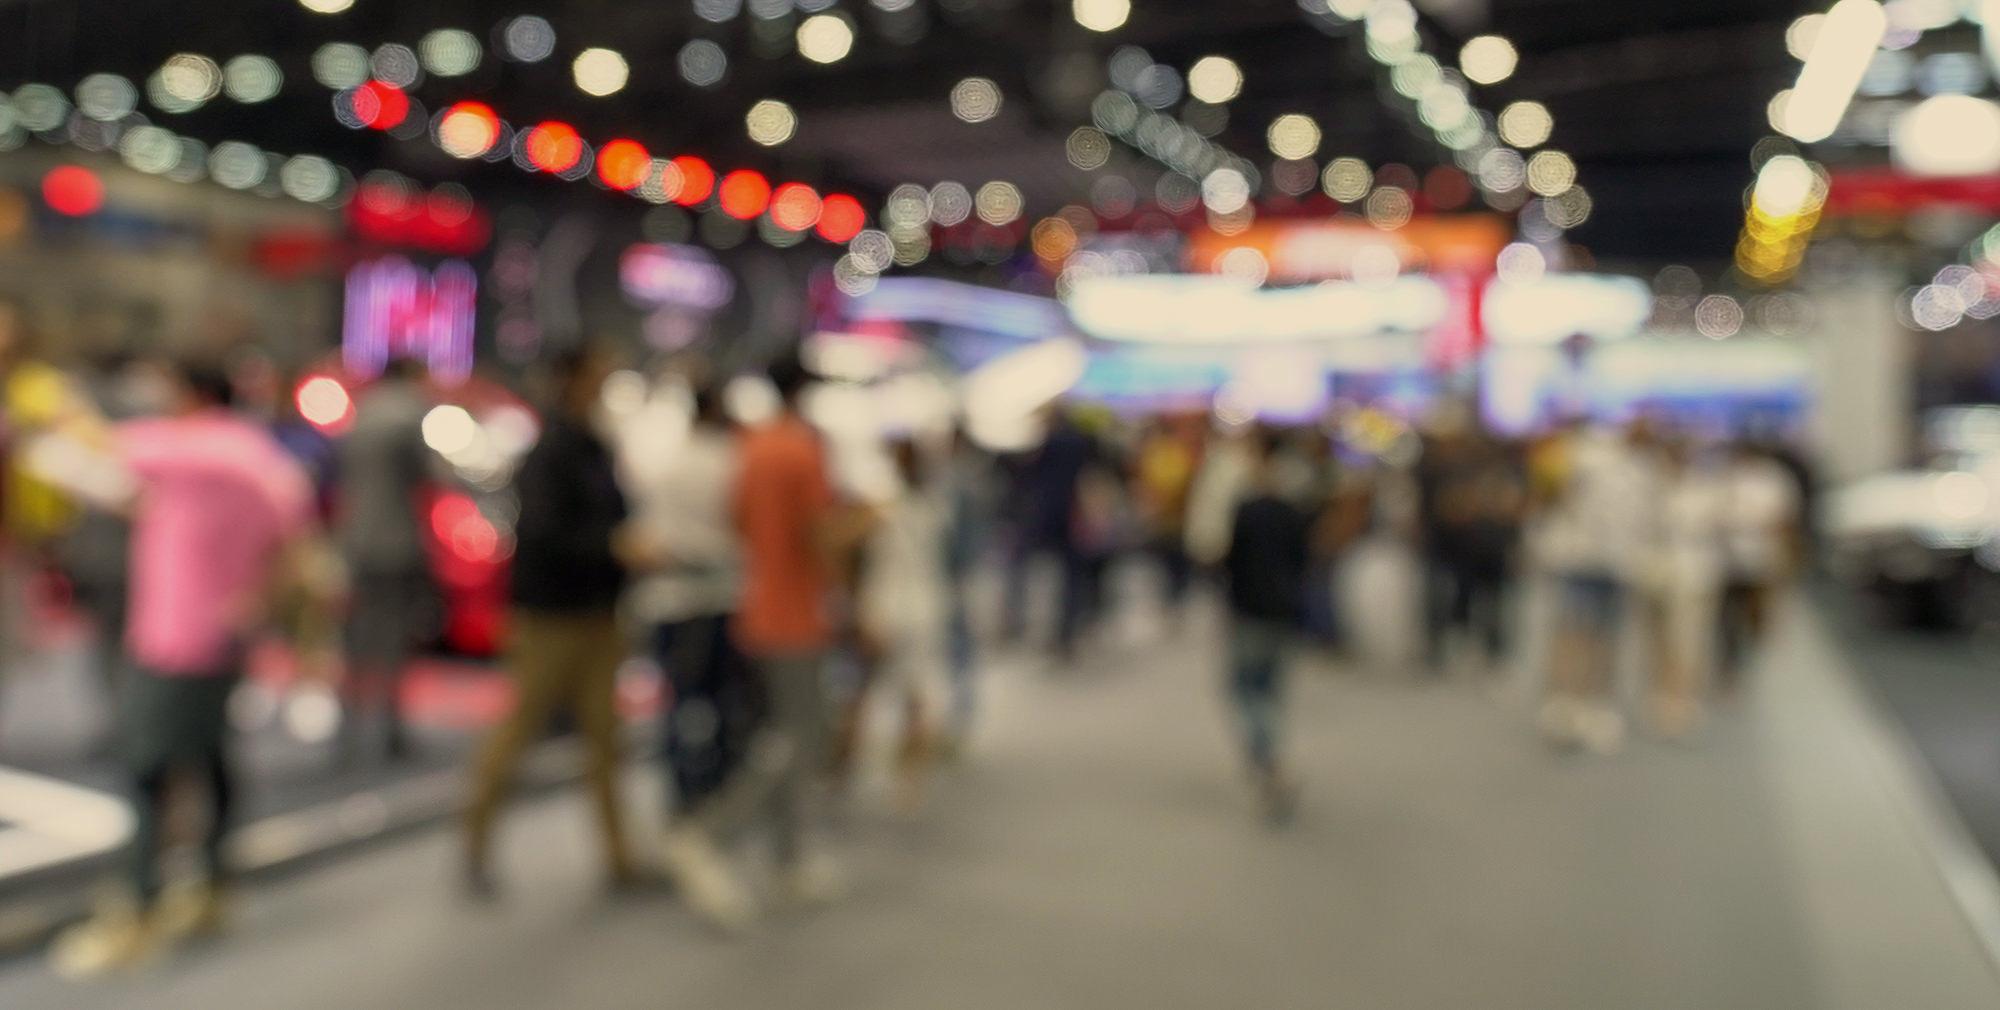 Des personnes déambulent dans les couloirs d'une exposition